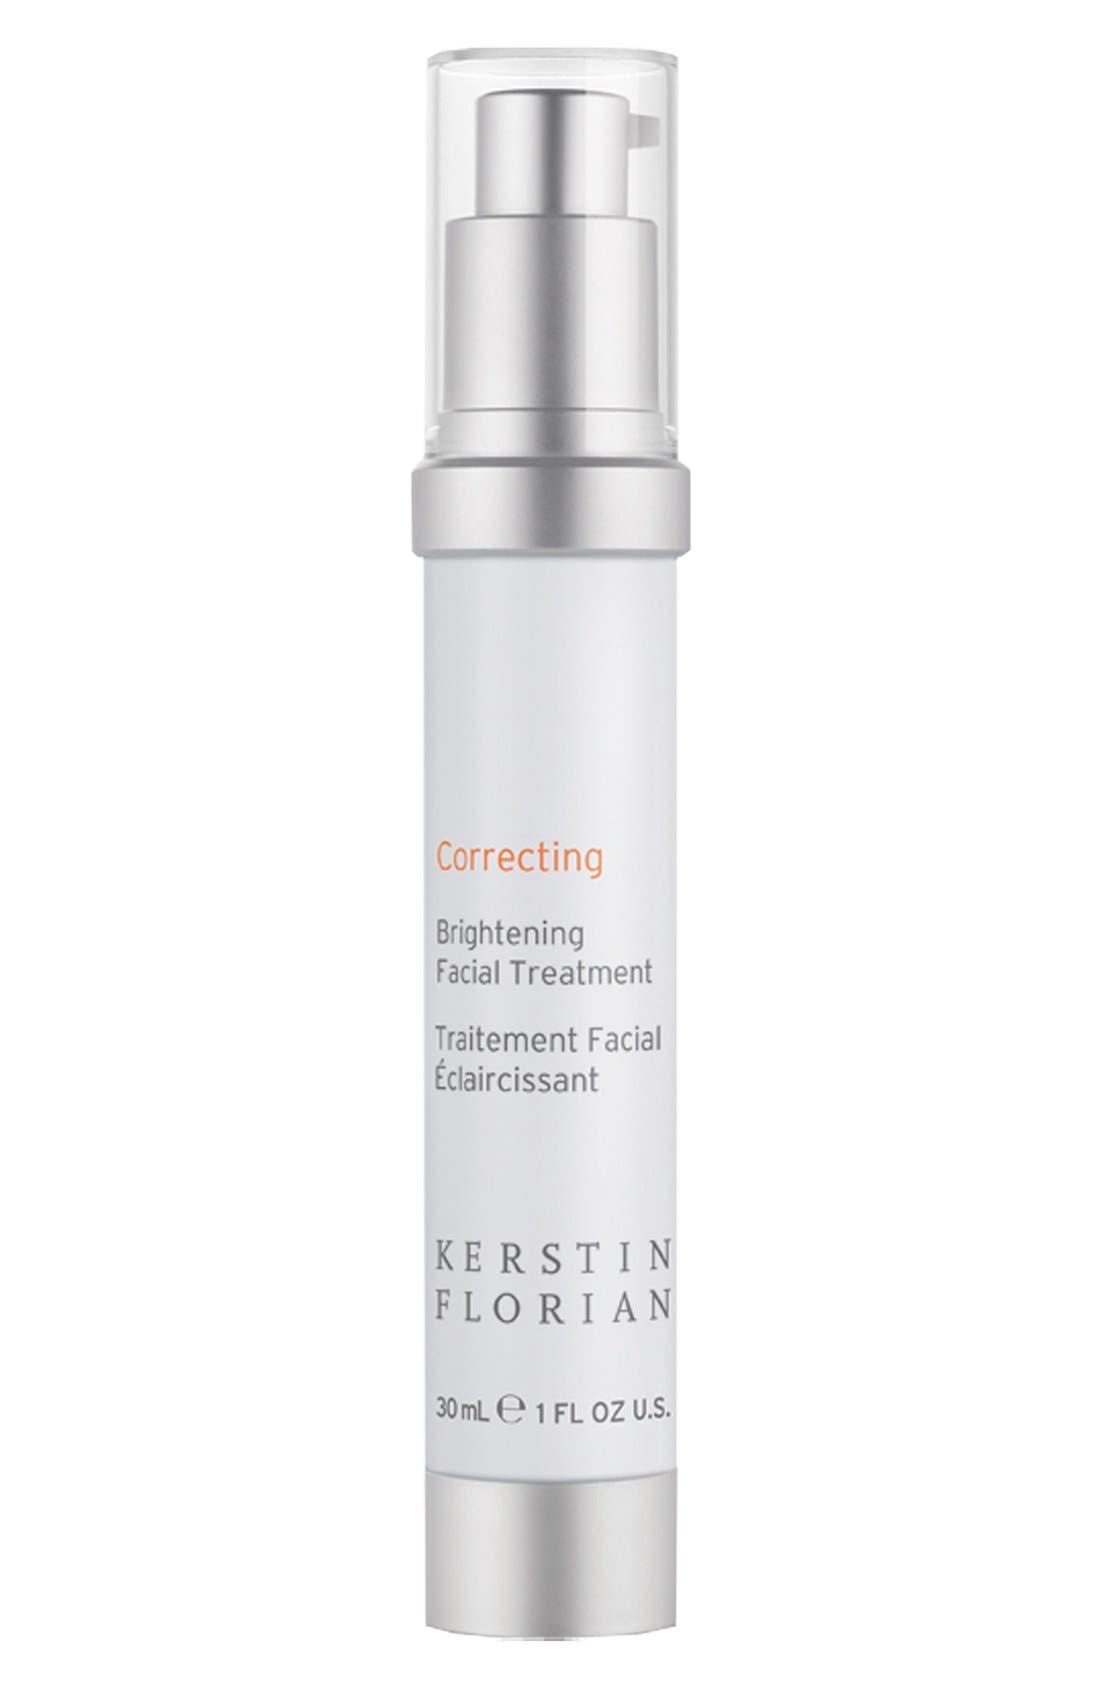 Kerstin Florian Correcting Brightening Facial Treatment